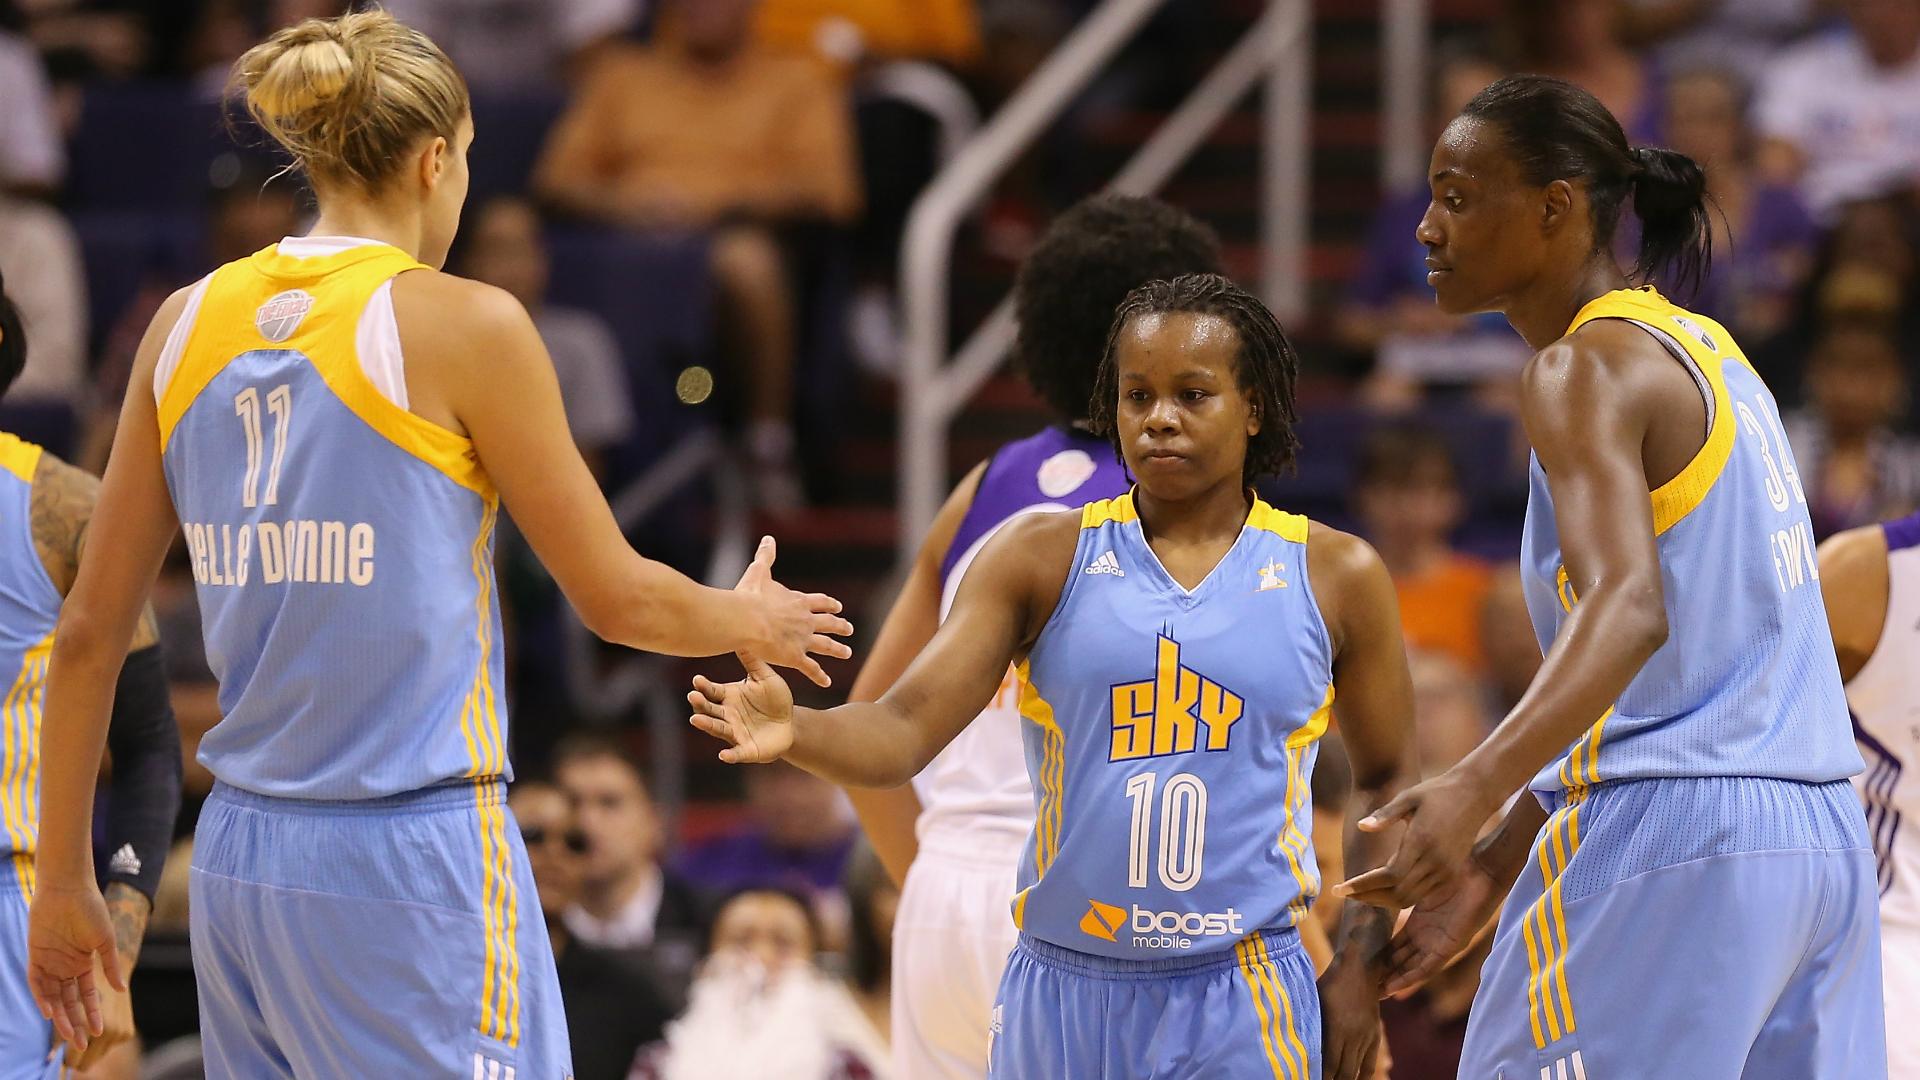 As superstar Sylvia Fowles demands a trade, Sky see no limit in WNBA season